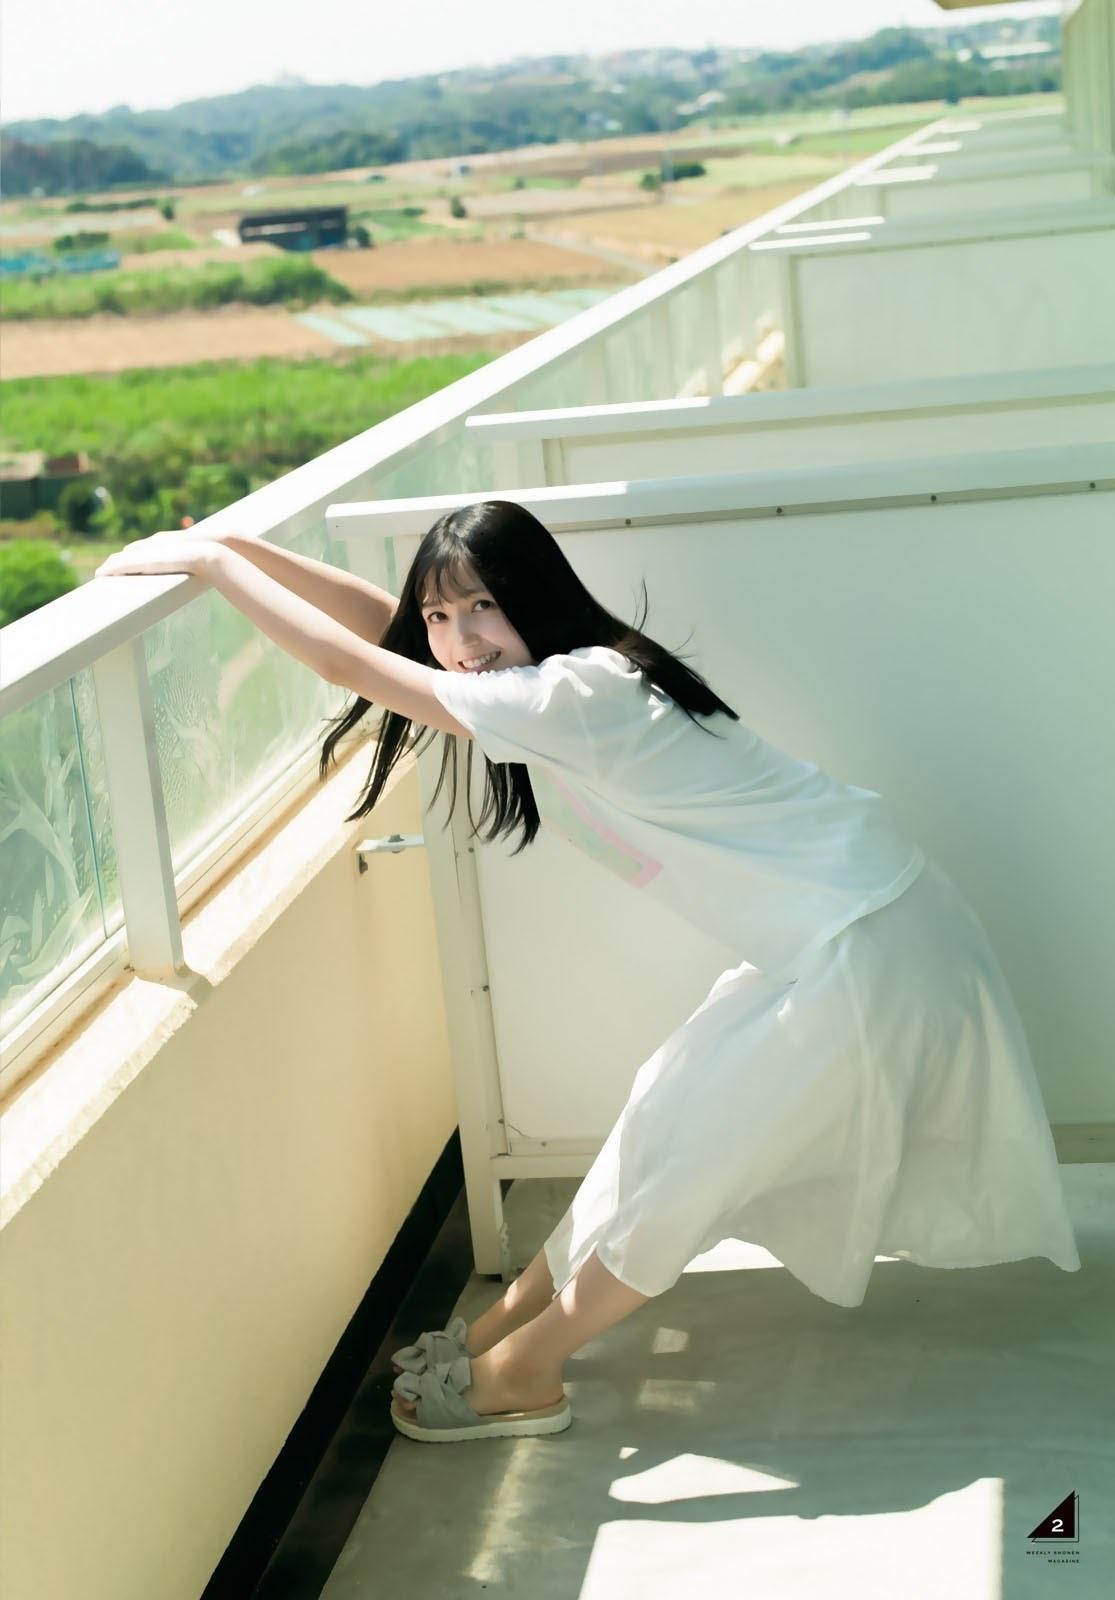 乃木坂46气质担当「久保史绪里」甜美外型清纯可人邻家女孩气质更是让人深陷其中